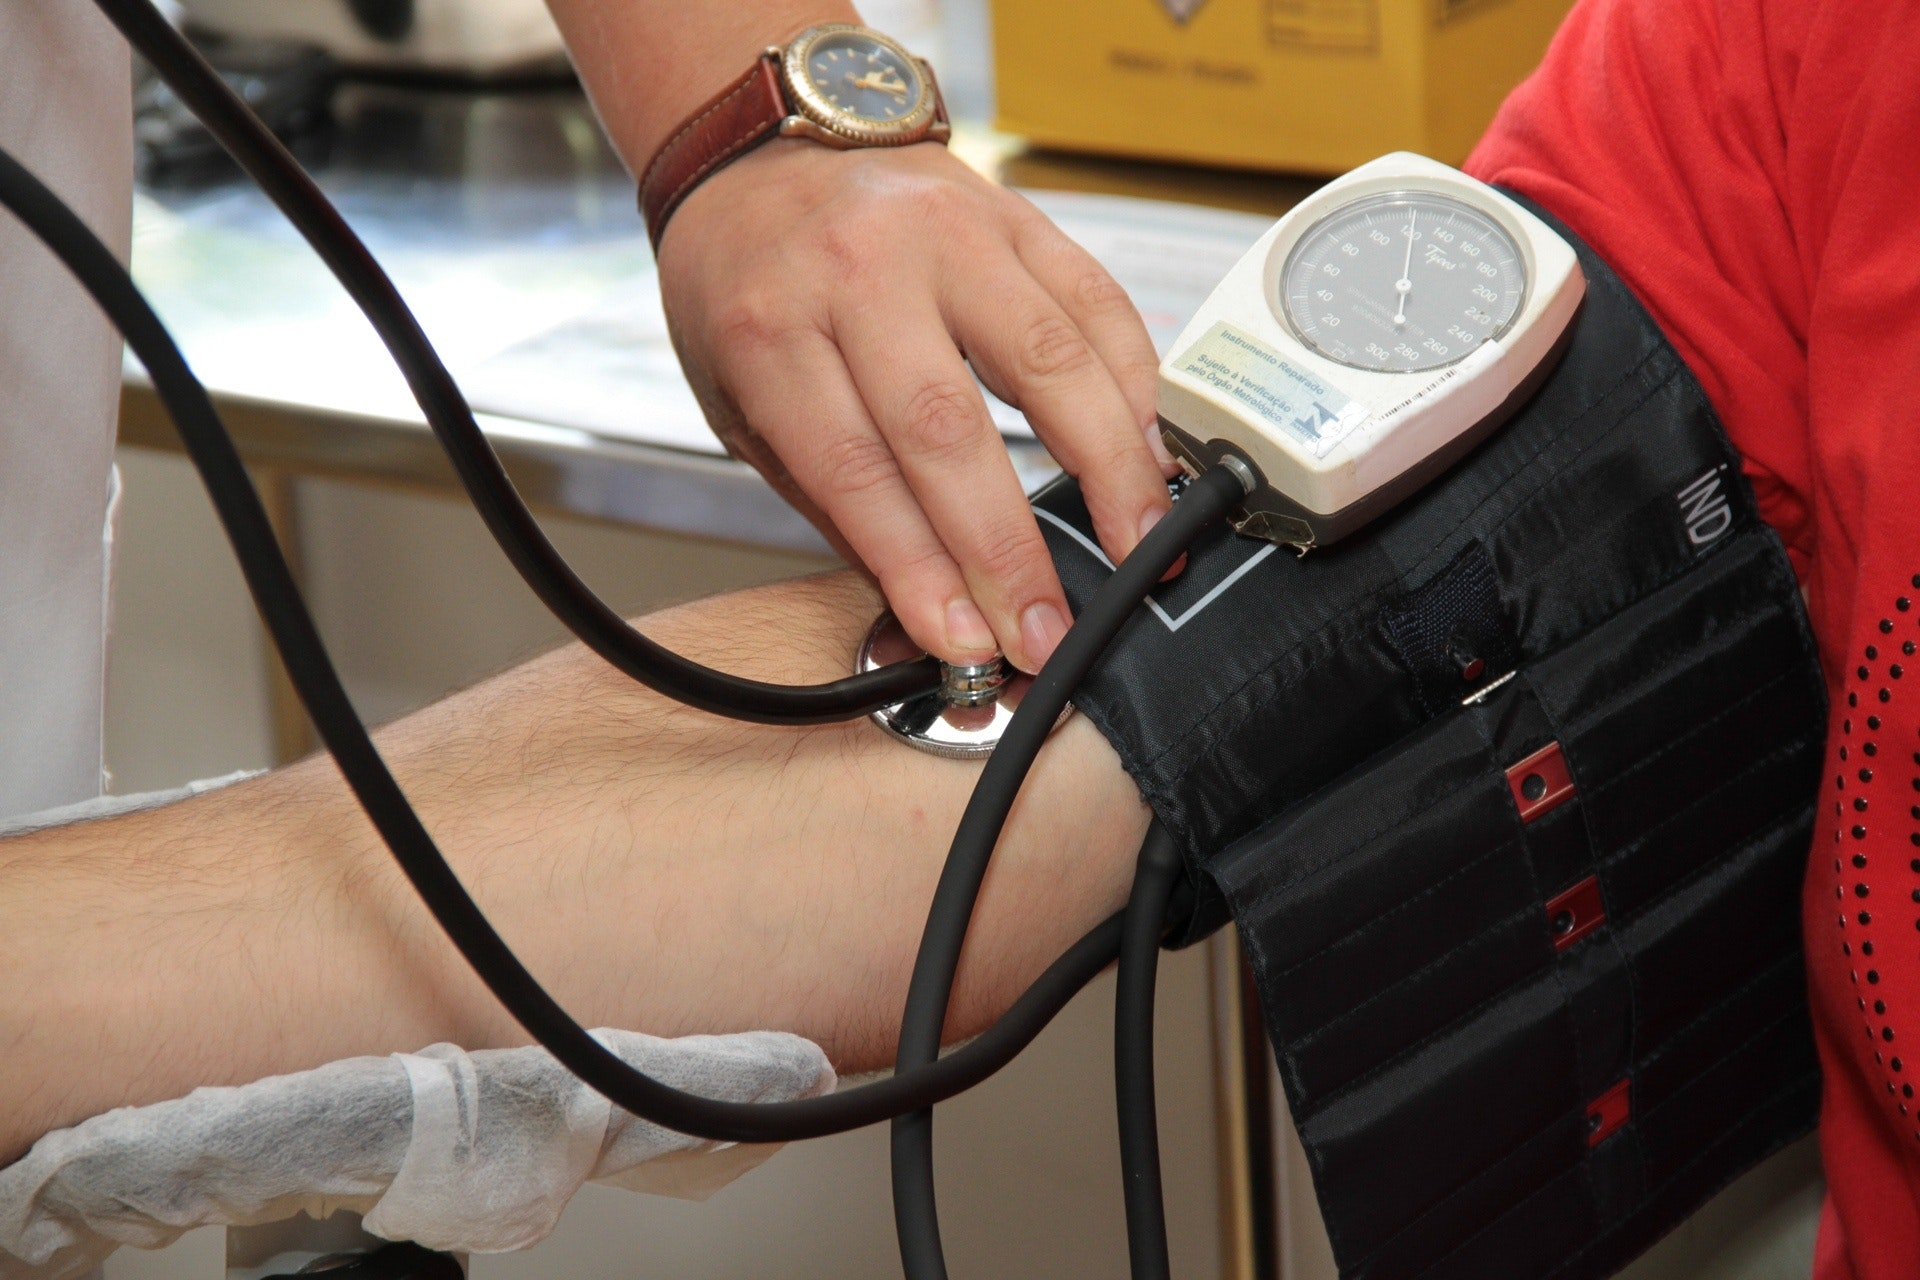 Hipertensiunea arterială, dușmanul ascuns